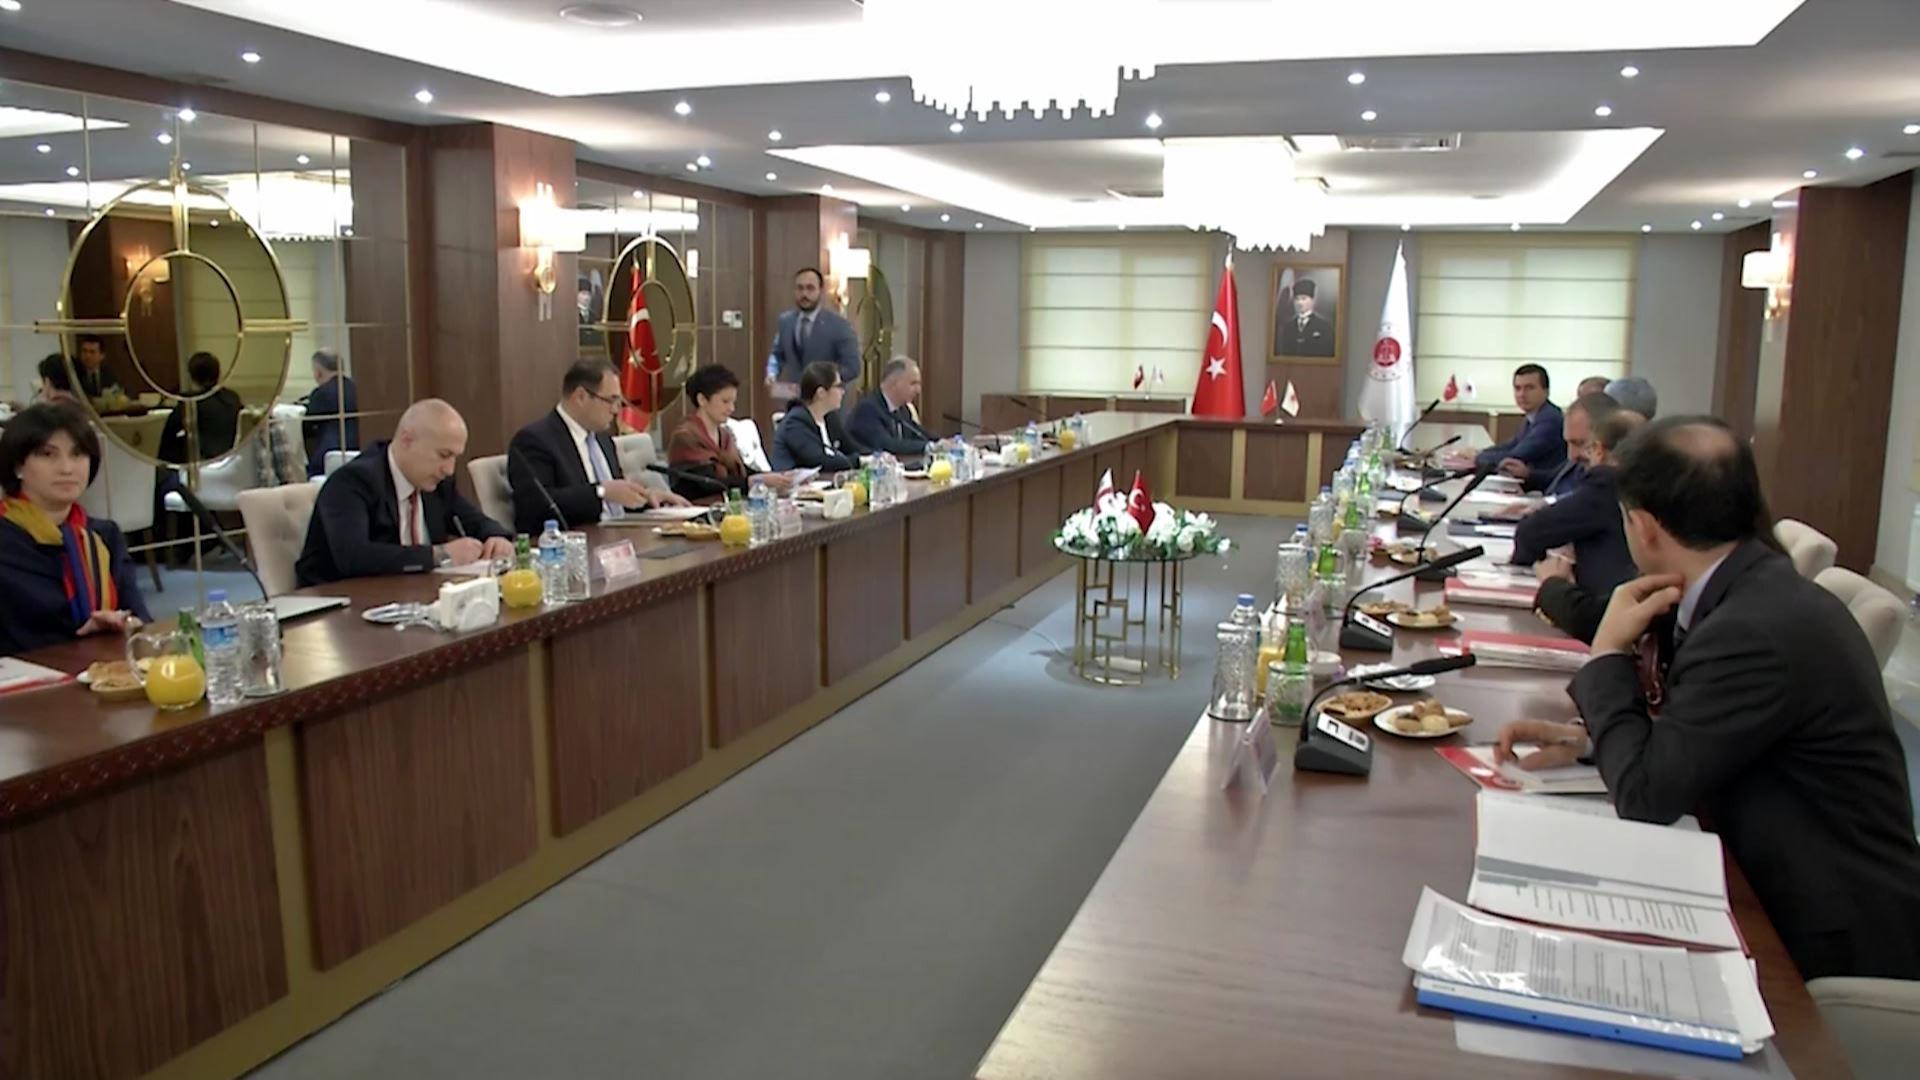 საქართველო და თურქეთი ერთობლივი ოპერატიული ჯგუფის შექმნაზე შეთანხმდნენ